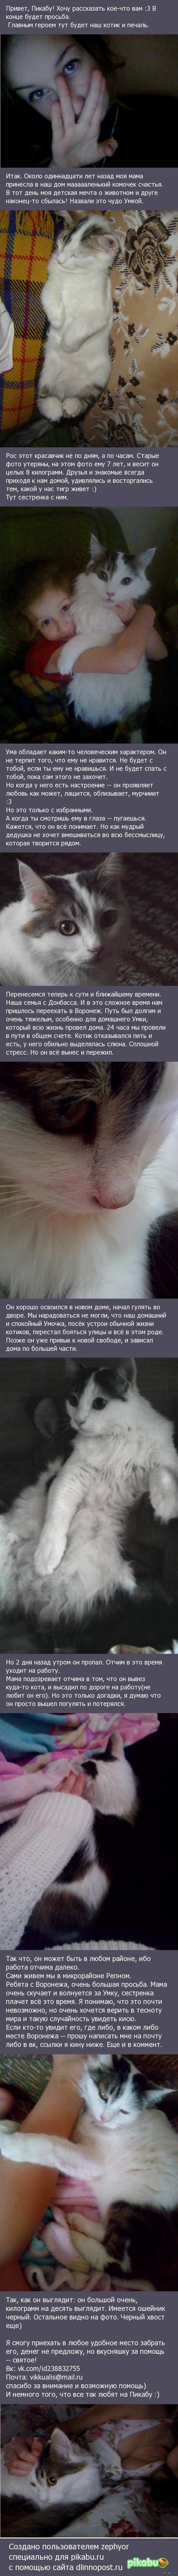 Помогите найти котика! Первый пост, ребята. Надеюсь на ваше понимание. <3